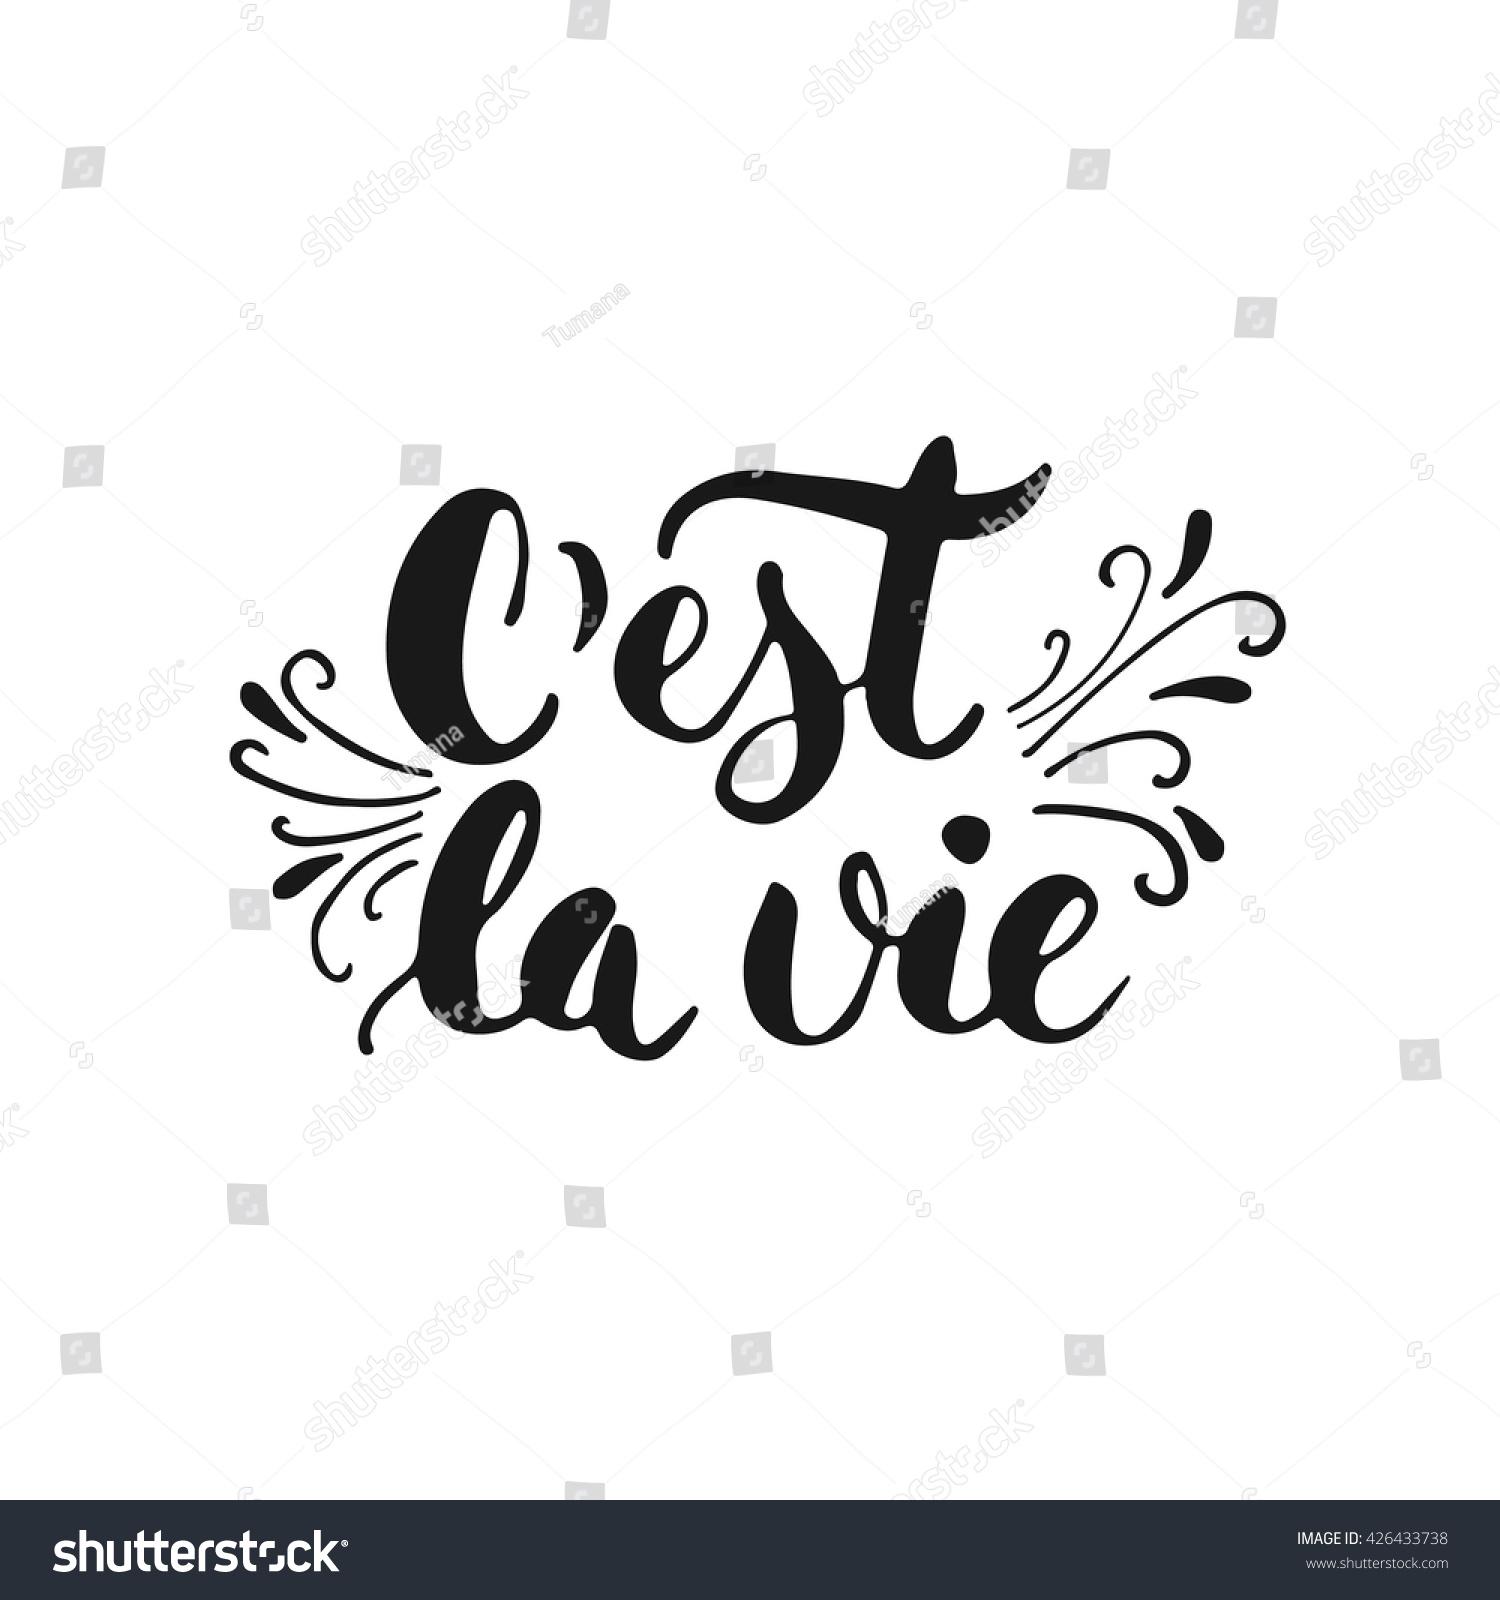 c est la vie C'est la vie definition, that's life such is life see more.